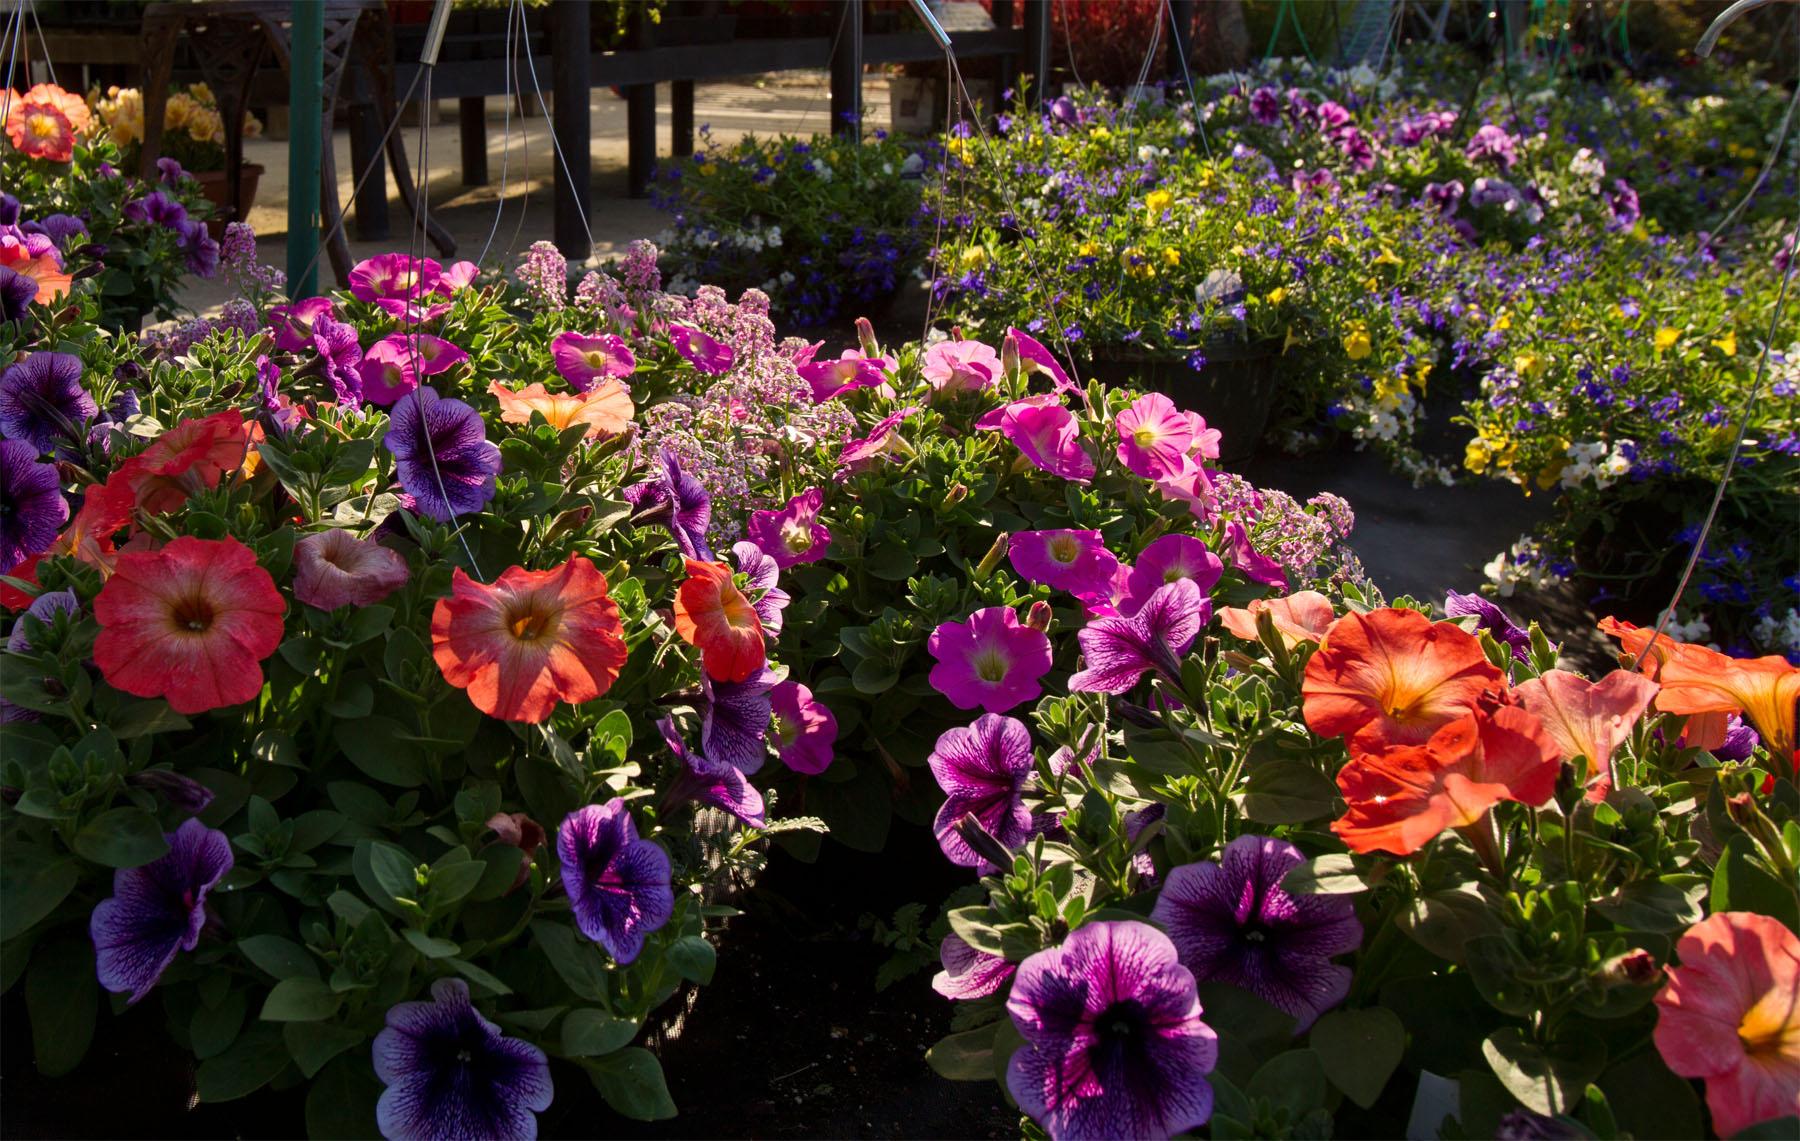 Petunias at Homestead Garden Center - Terri Aigner photo